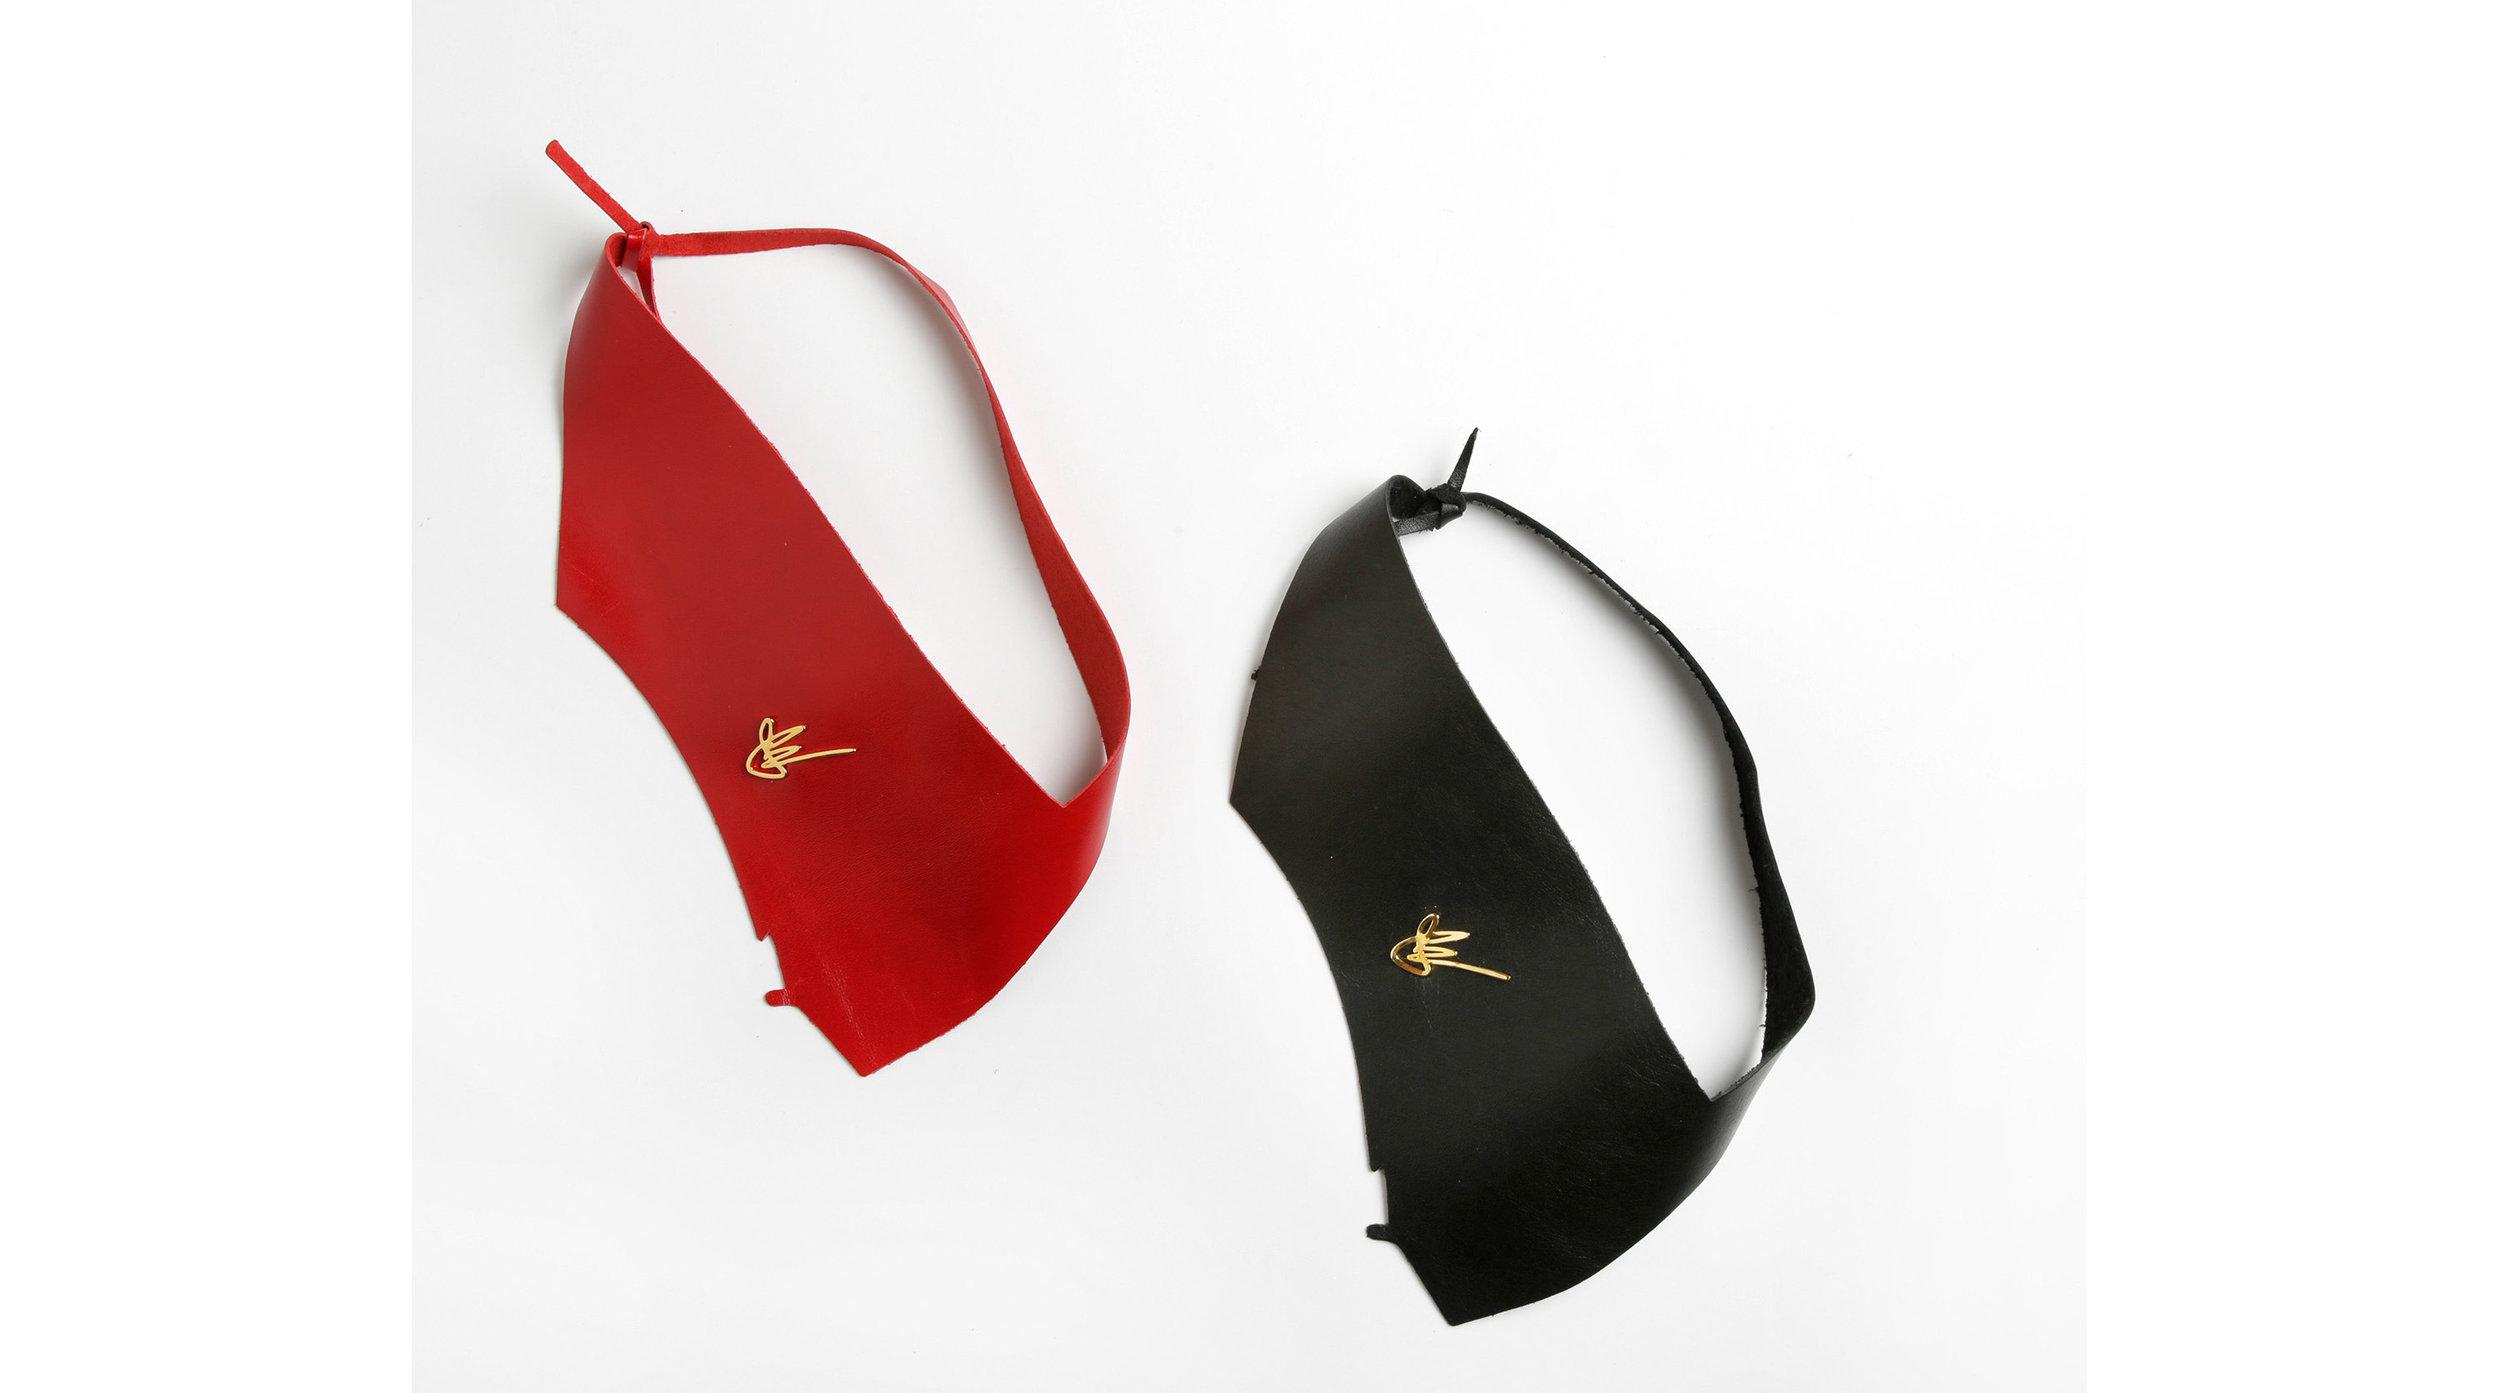 Love Collection Pouch Mask Red Black JElster NYC Neck Slash neckpiece